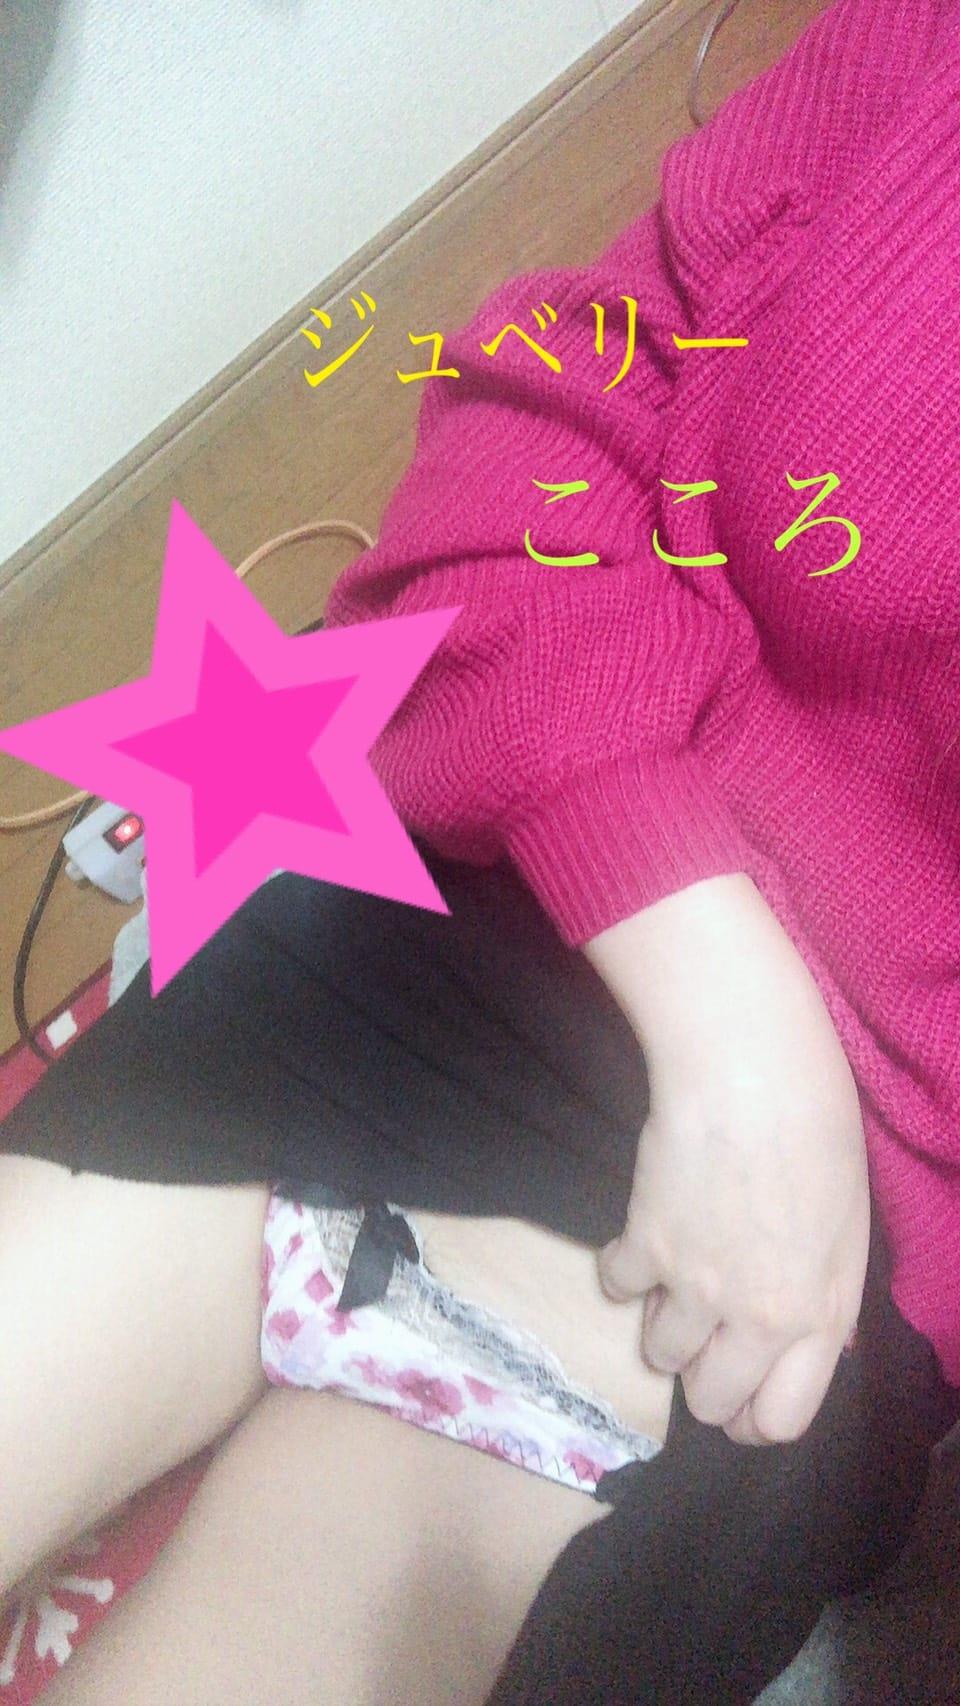 「こんばんは!」10/10(10/10) 22:31 | こころの写メ・風俗動画